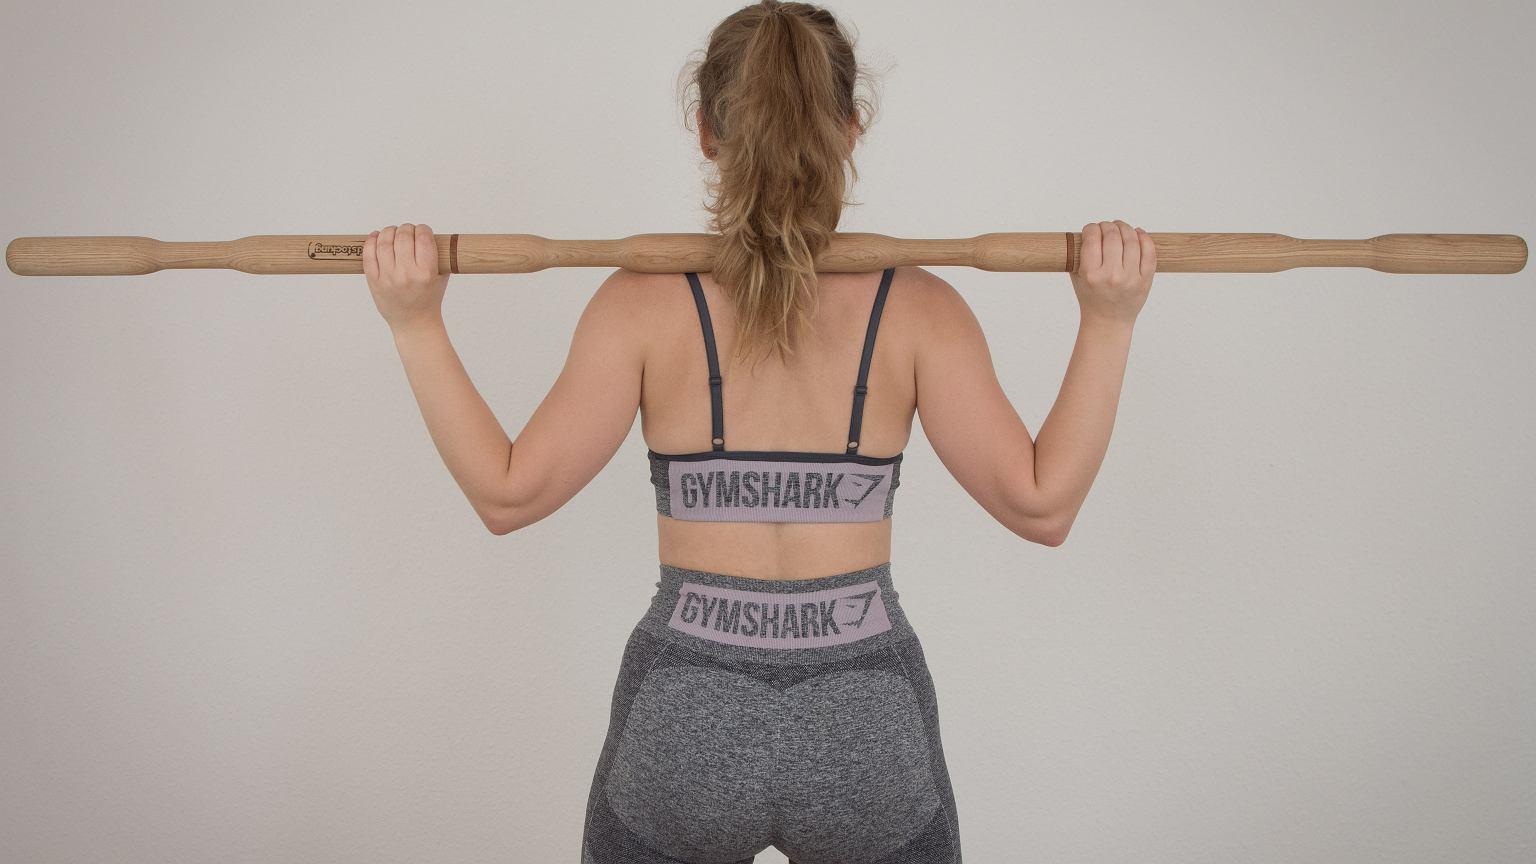 Cwiczenia Dla Otylych Jak Powinna Wygladac Gimnastyka Dla Otylych Plan Treningowy Dla Otylych I Myfitness Gazeta Pl